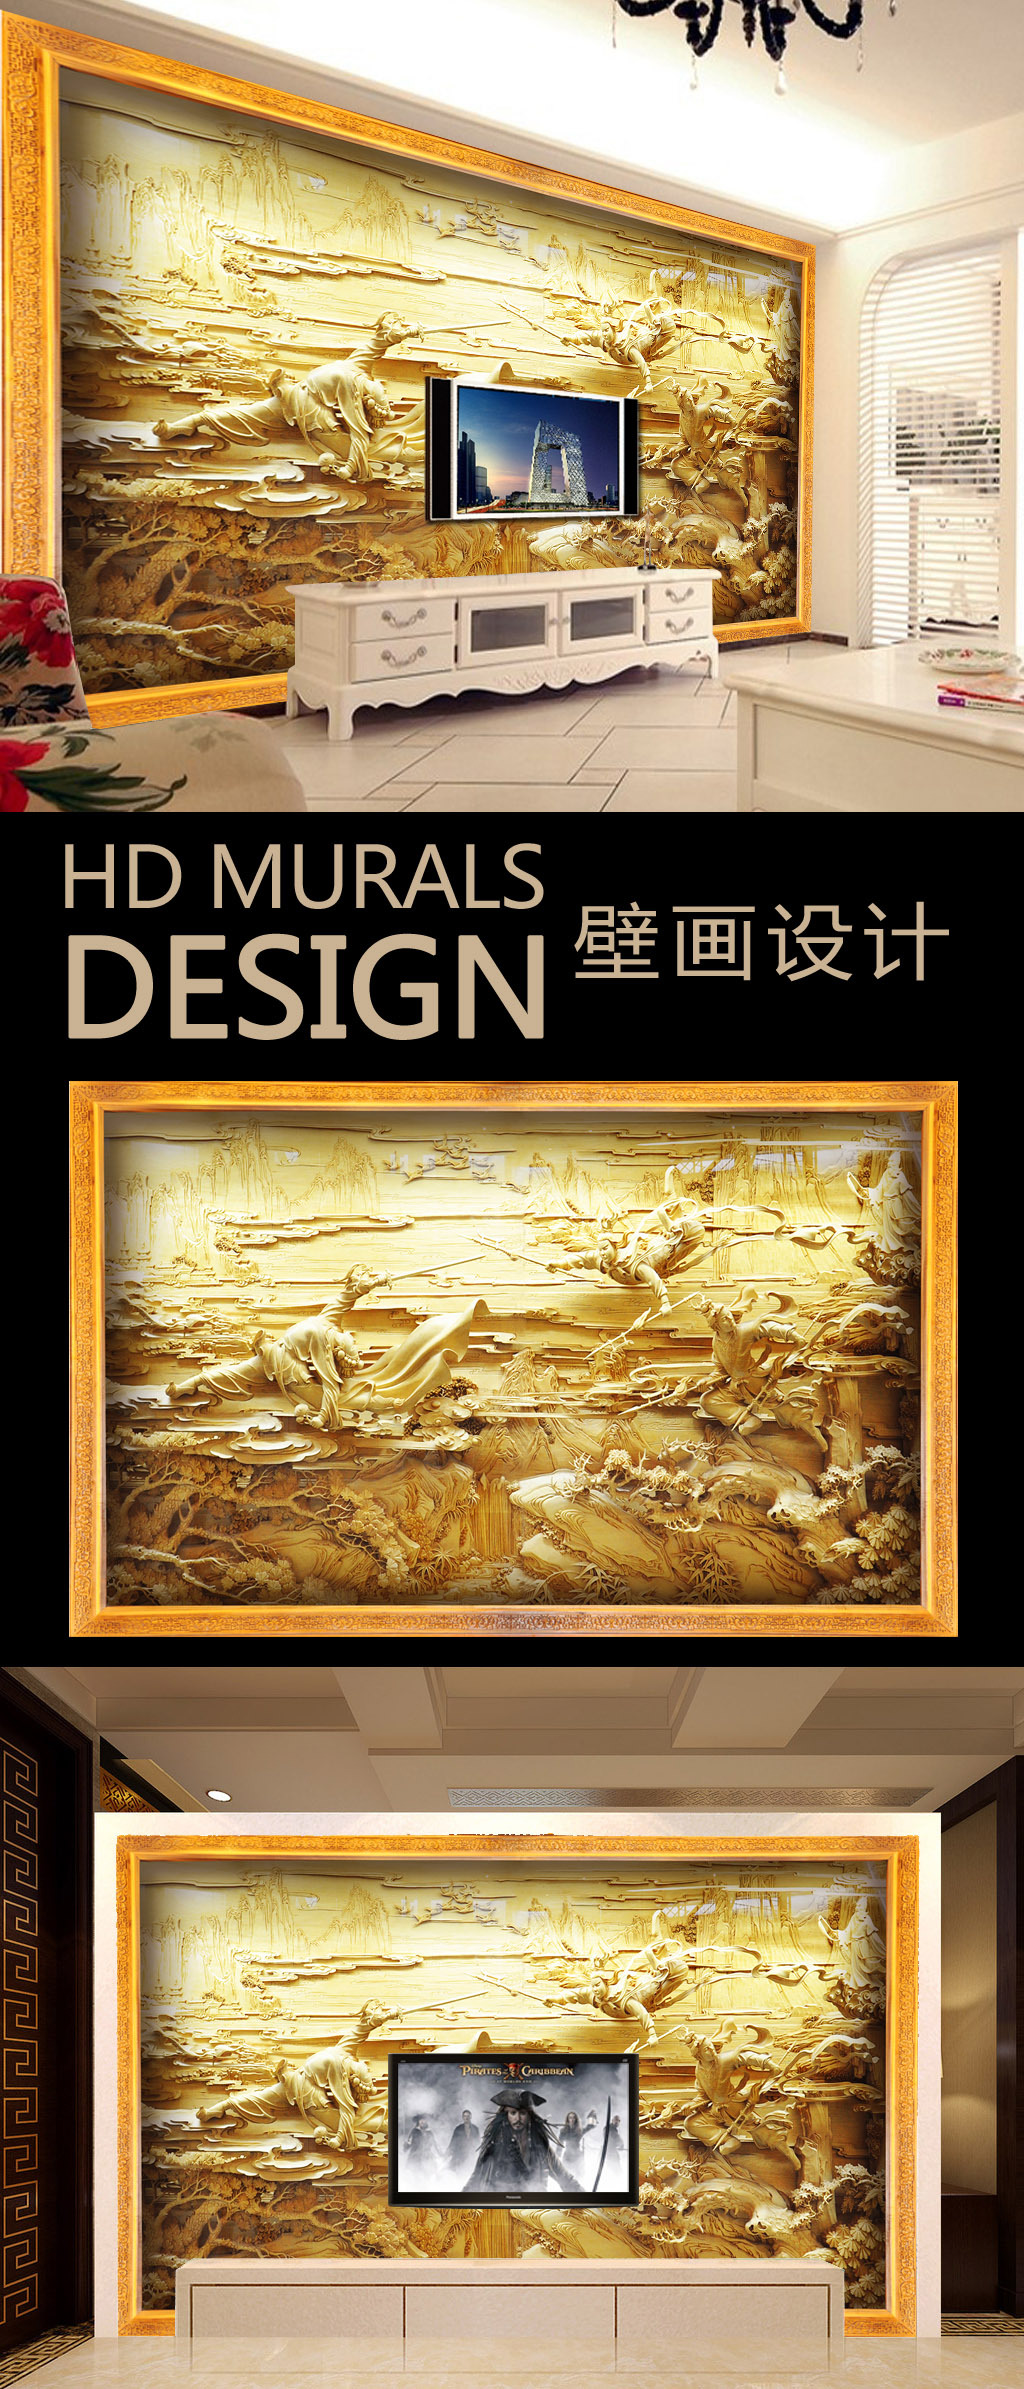 客厅电视背景墙木雕山水画